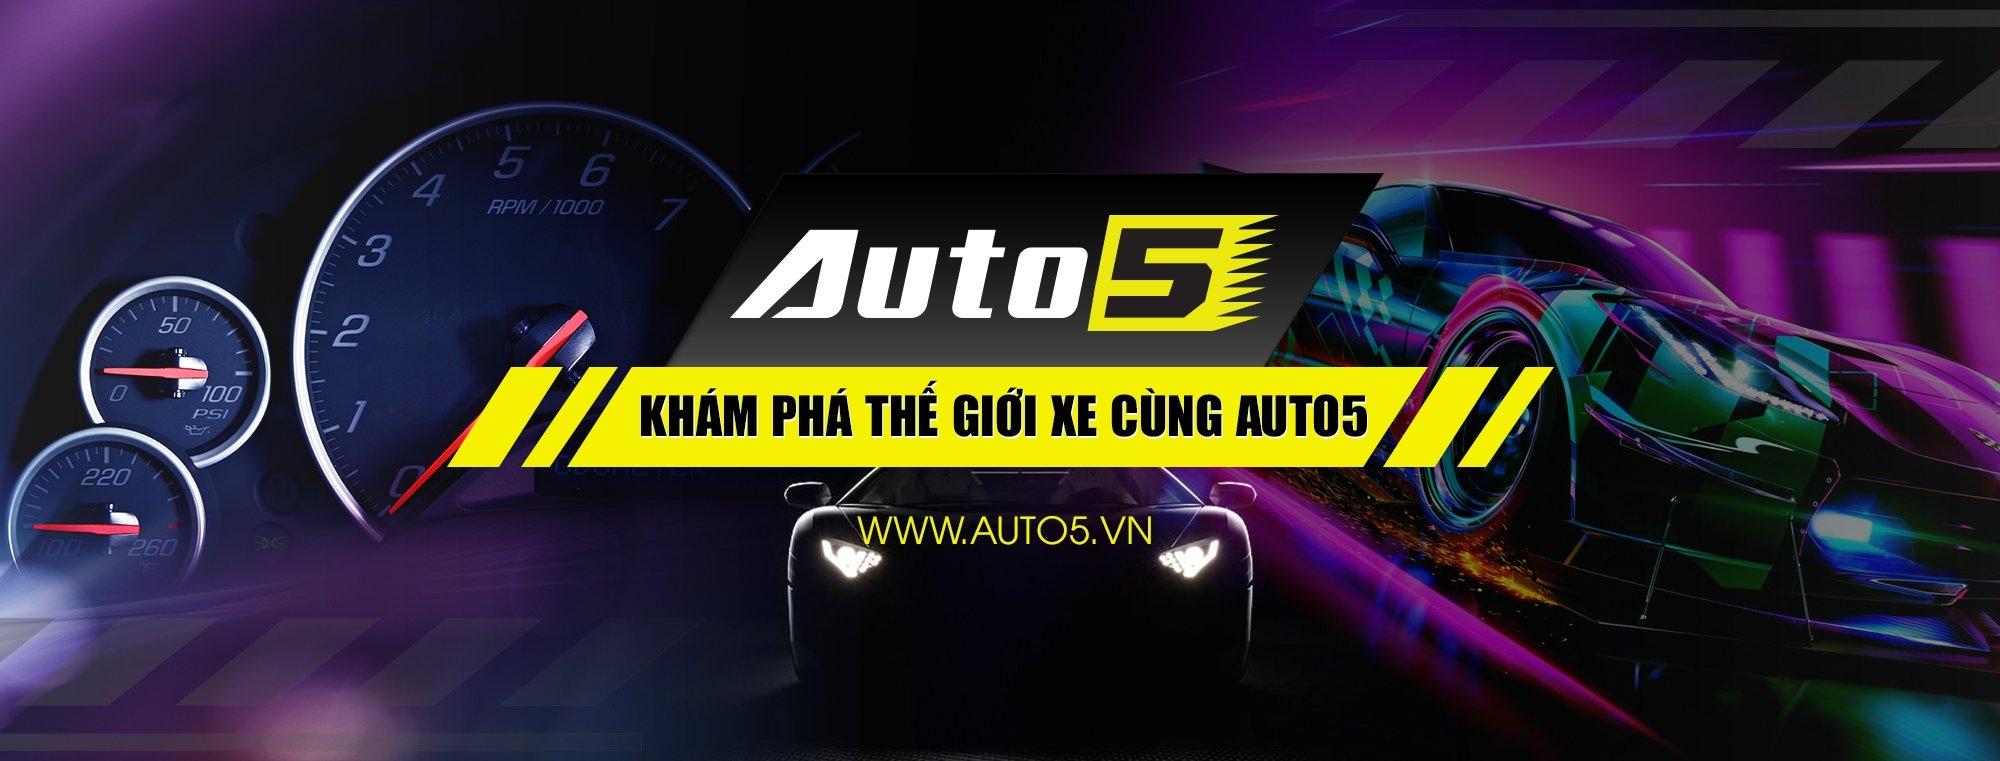 Auto5 | Thế giới xe, tạp chí ôtô xe máy mới nhất - (@auto5vn) Cover Image